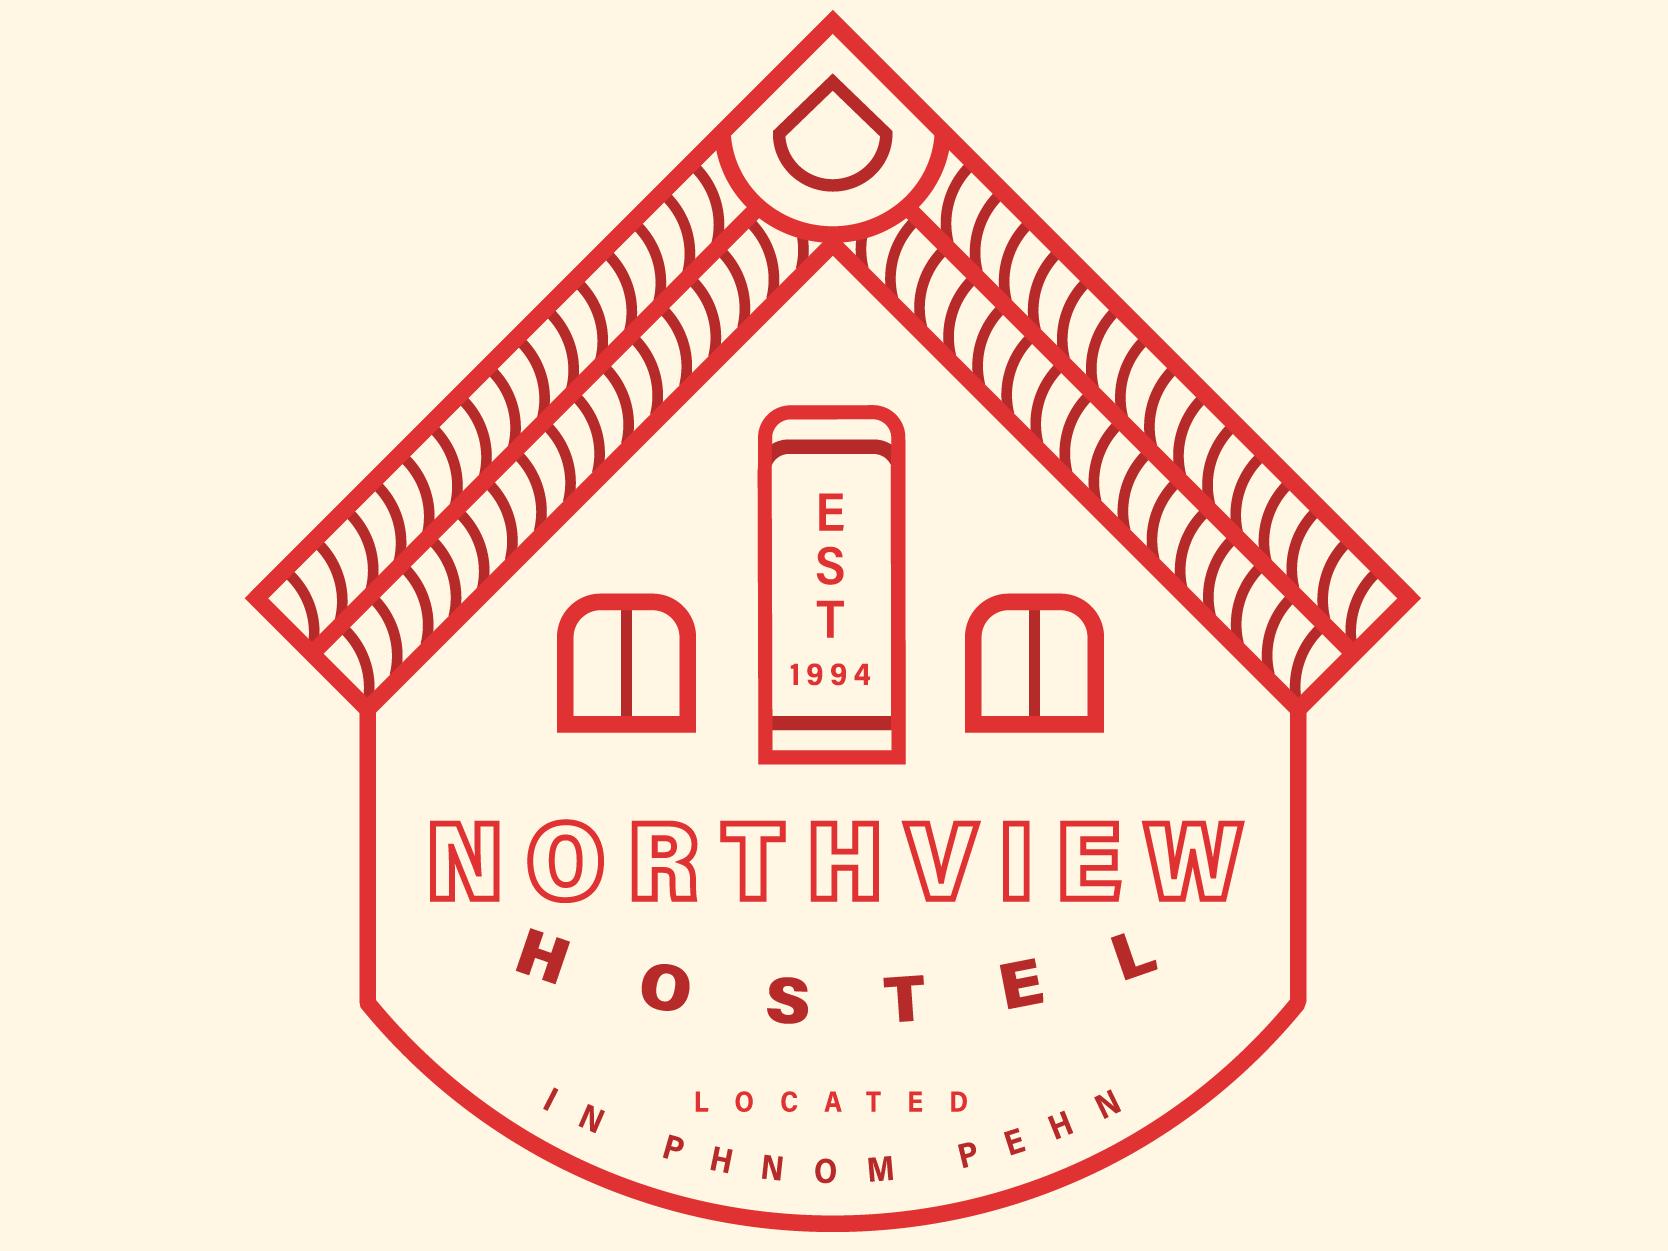 Hostel identity logo dribbble